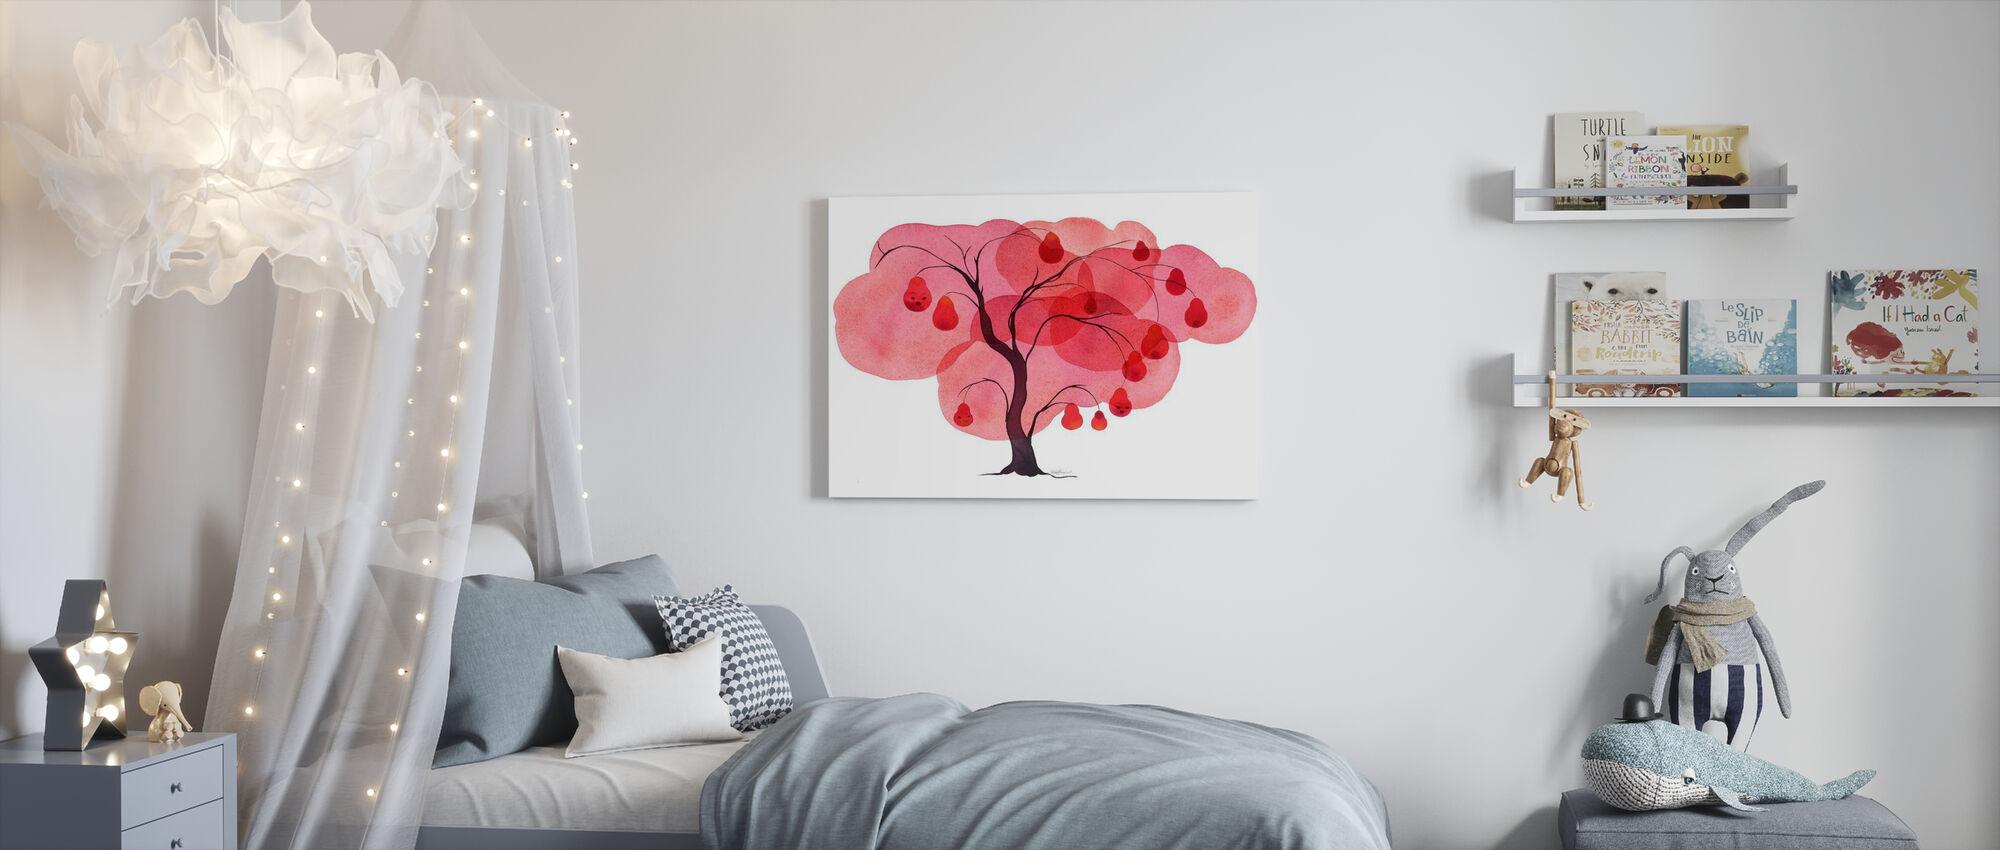 Vattenfärg Träd I - Canvastavla - Barnrum